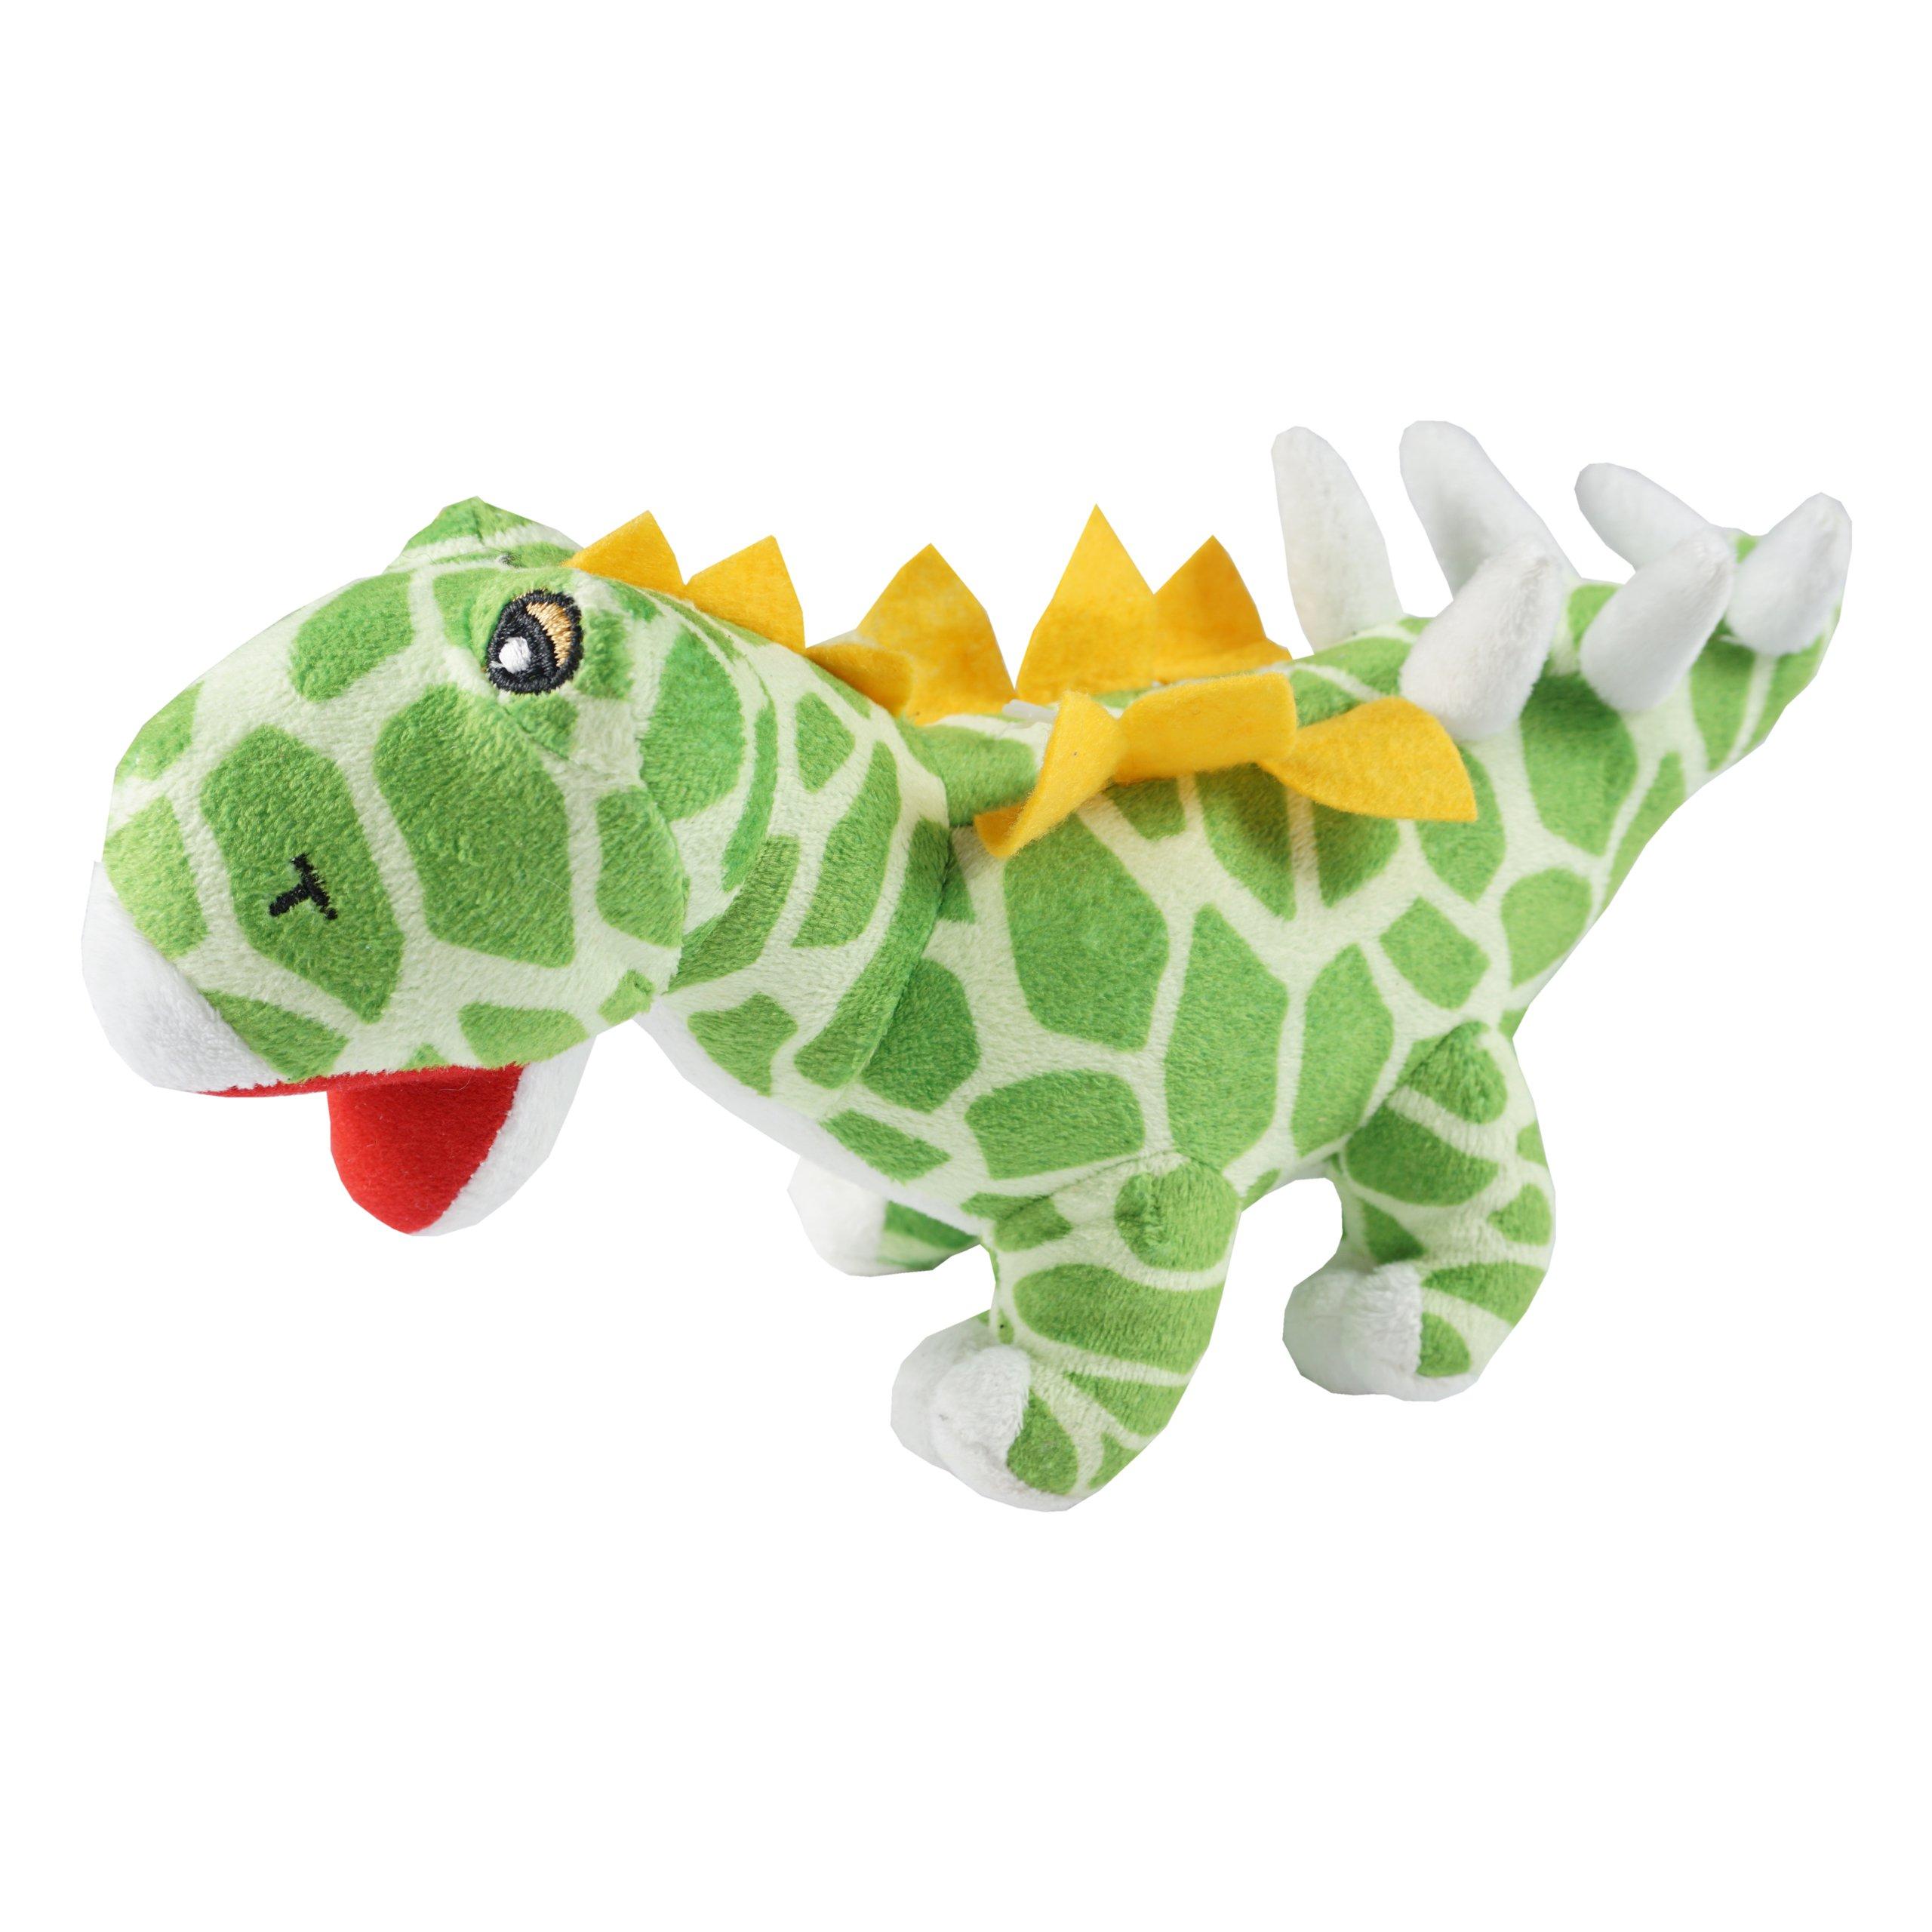 MASKOTKA PSA dinozaur ZABAWKA piszczy HAPPYPET KO